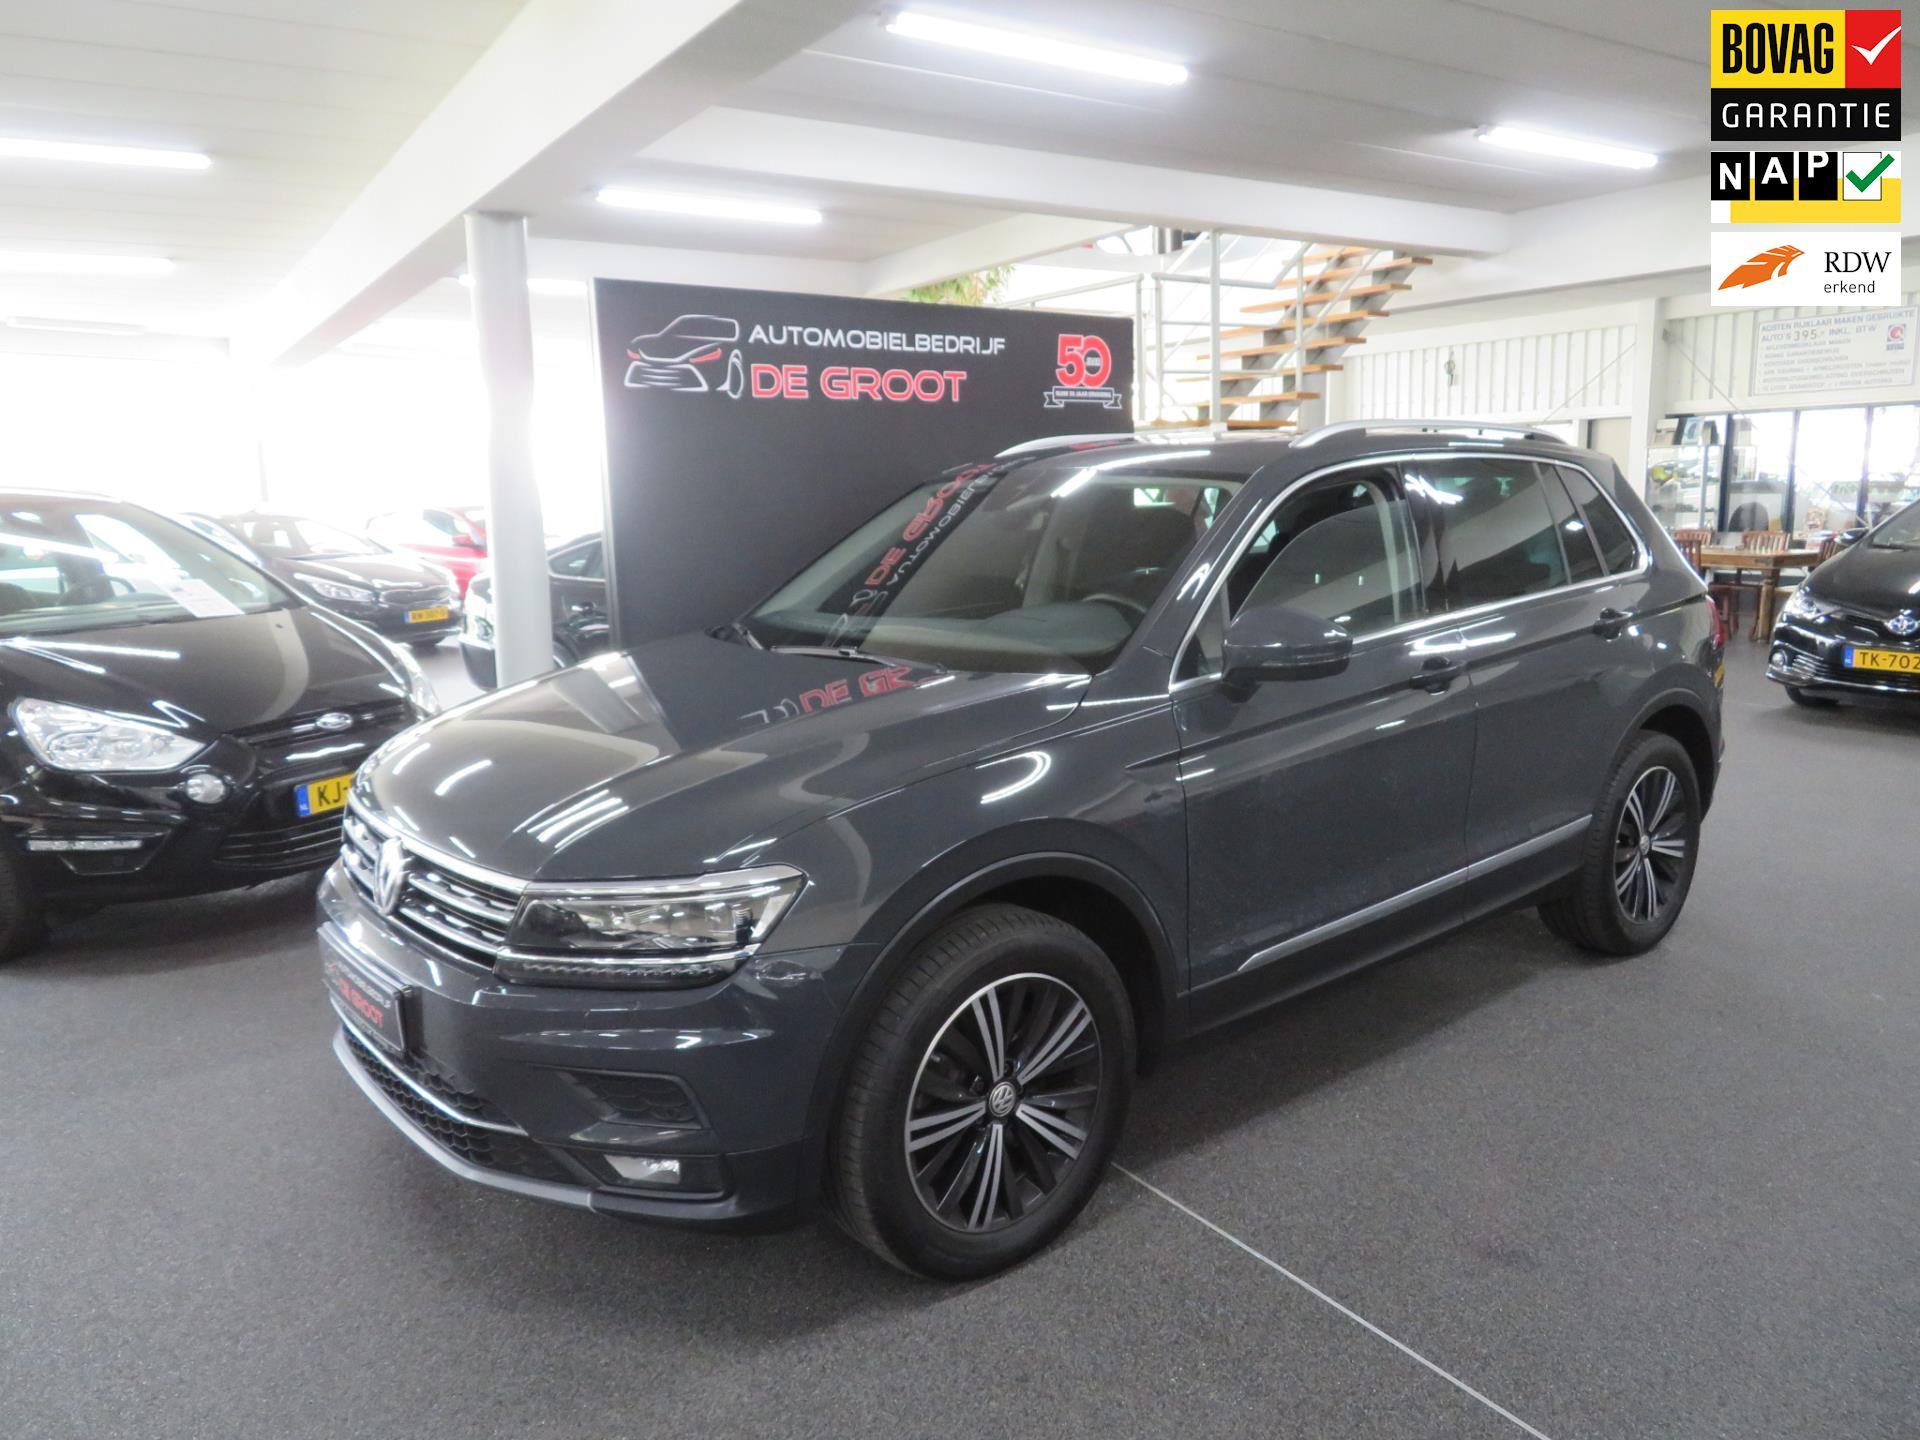 Volkswagen Tiguan occasion - Automobielbedrijf de Groot